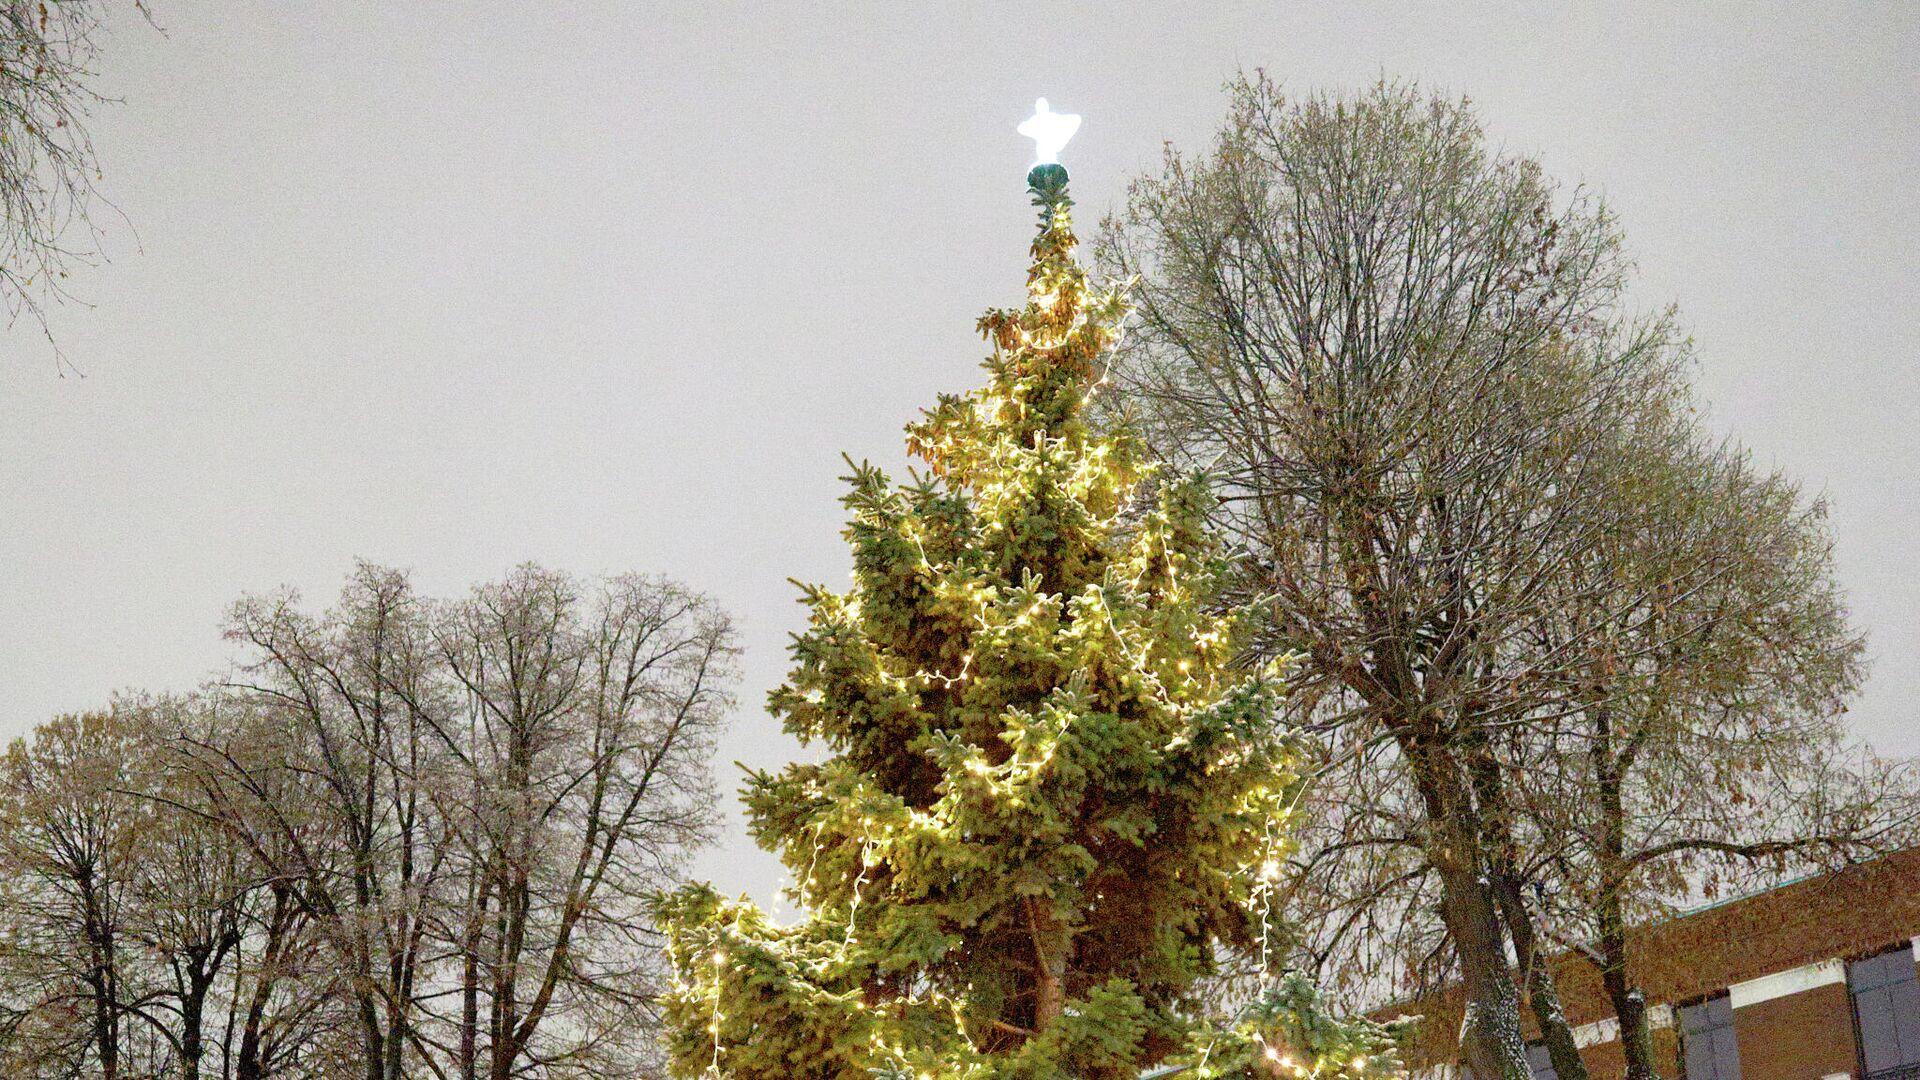 В посольстве Британии рассказали о рождественской елке в резиденции посла - РИА Новости, 1920, 04.12.2020